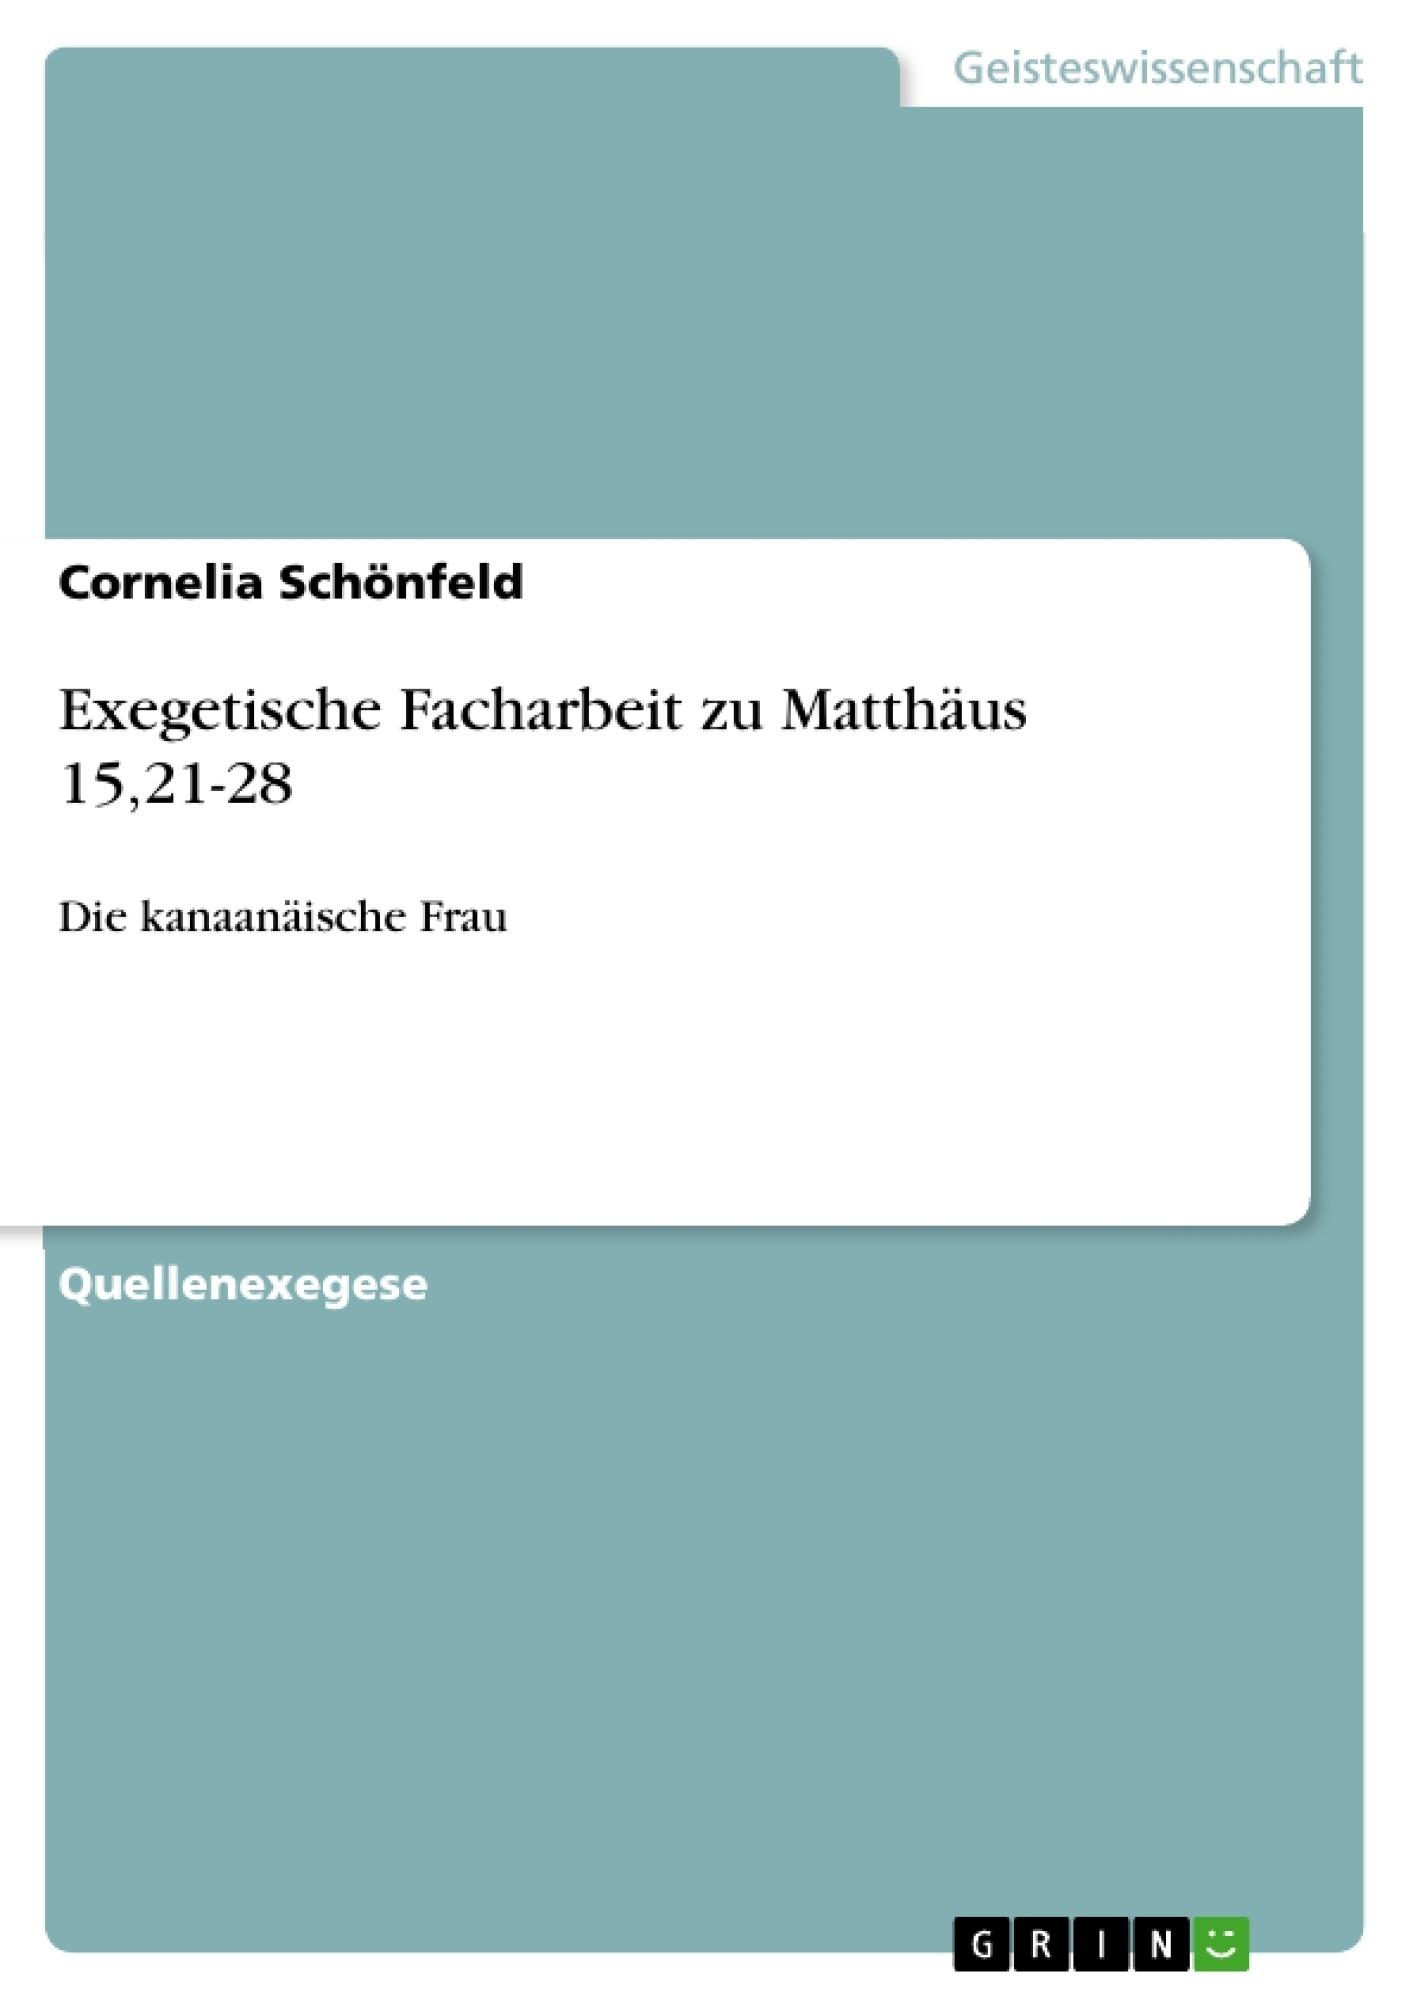 Titel: Exegetische Facharbeit zu Matthäus 15,21-28